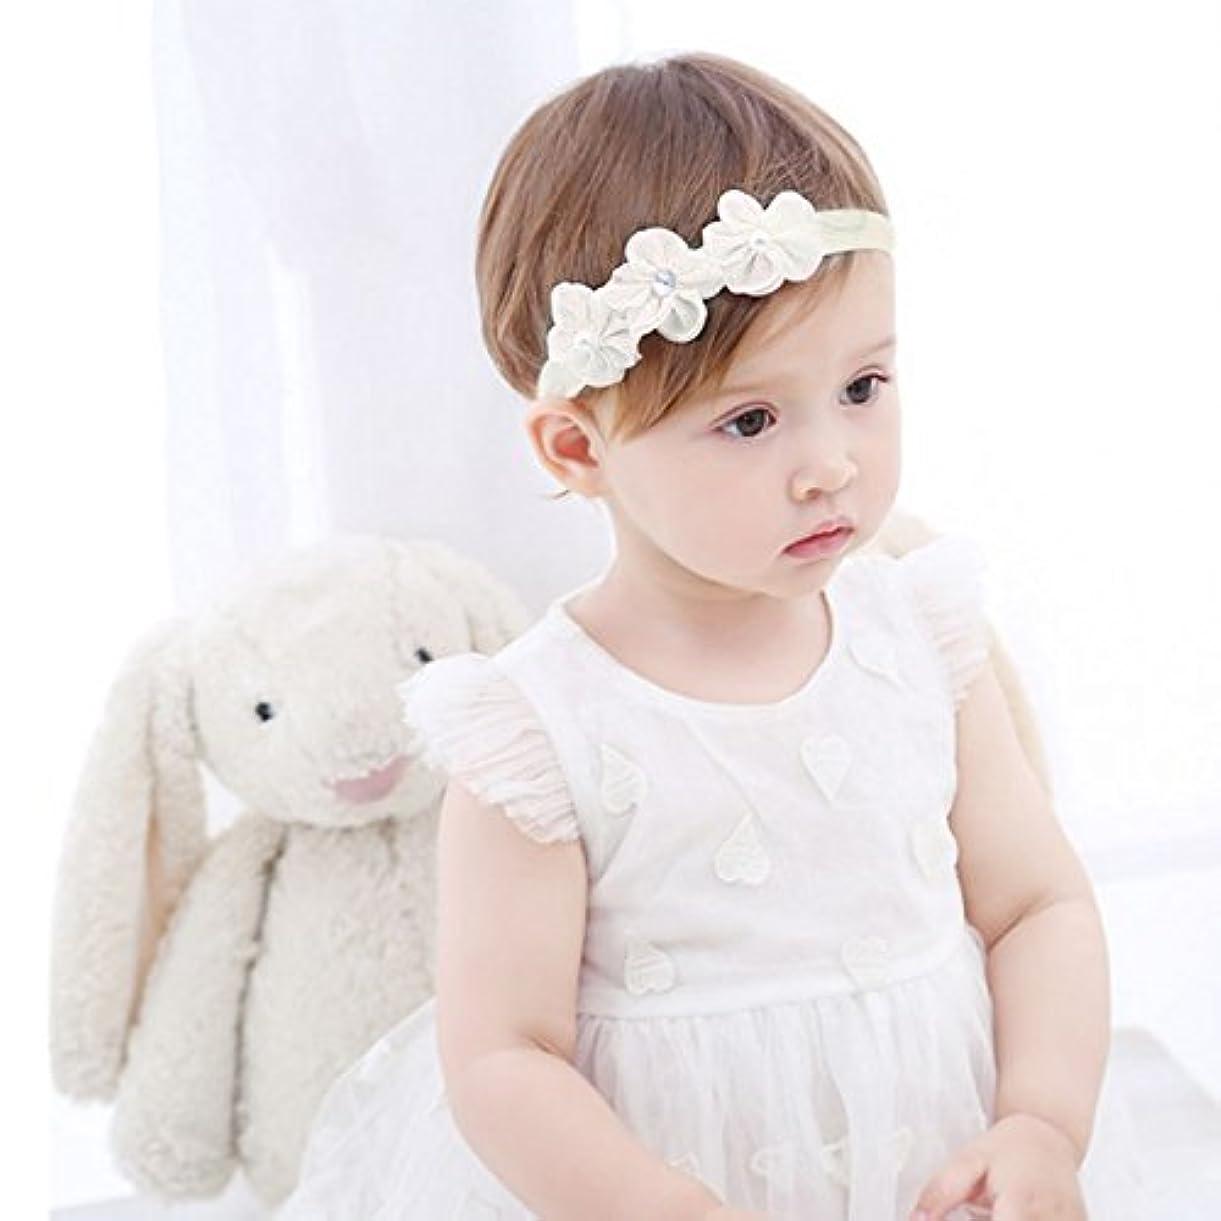 岸記憶特許Refaxi 子供の赤ちゃんかわいい幼児のレースの花のヘアバンドヘッドウェアヘッドバンドアクセサリー